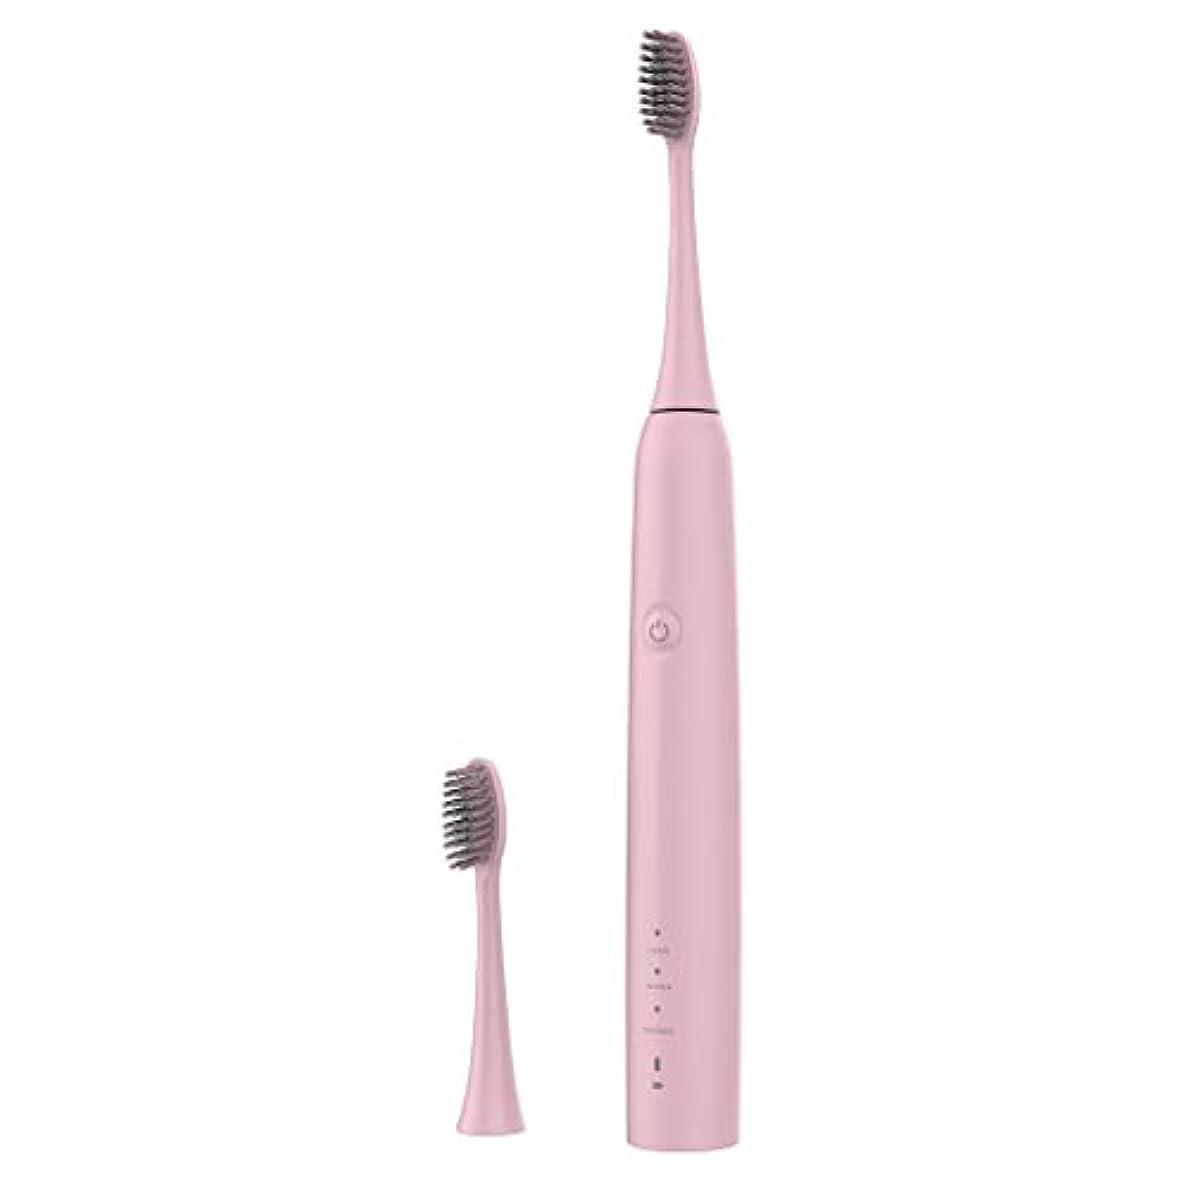 深い前にバスルームLazayyii 新しいT2P電動歯ブラシ 携帯用 口腔衛生 電気マッサージ 口腔ケア (ピンク)